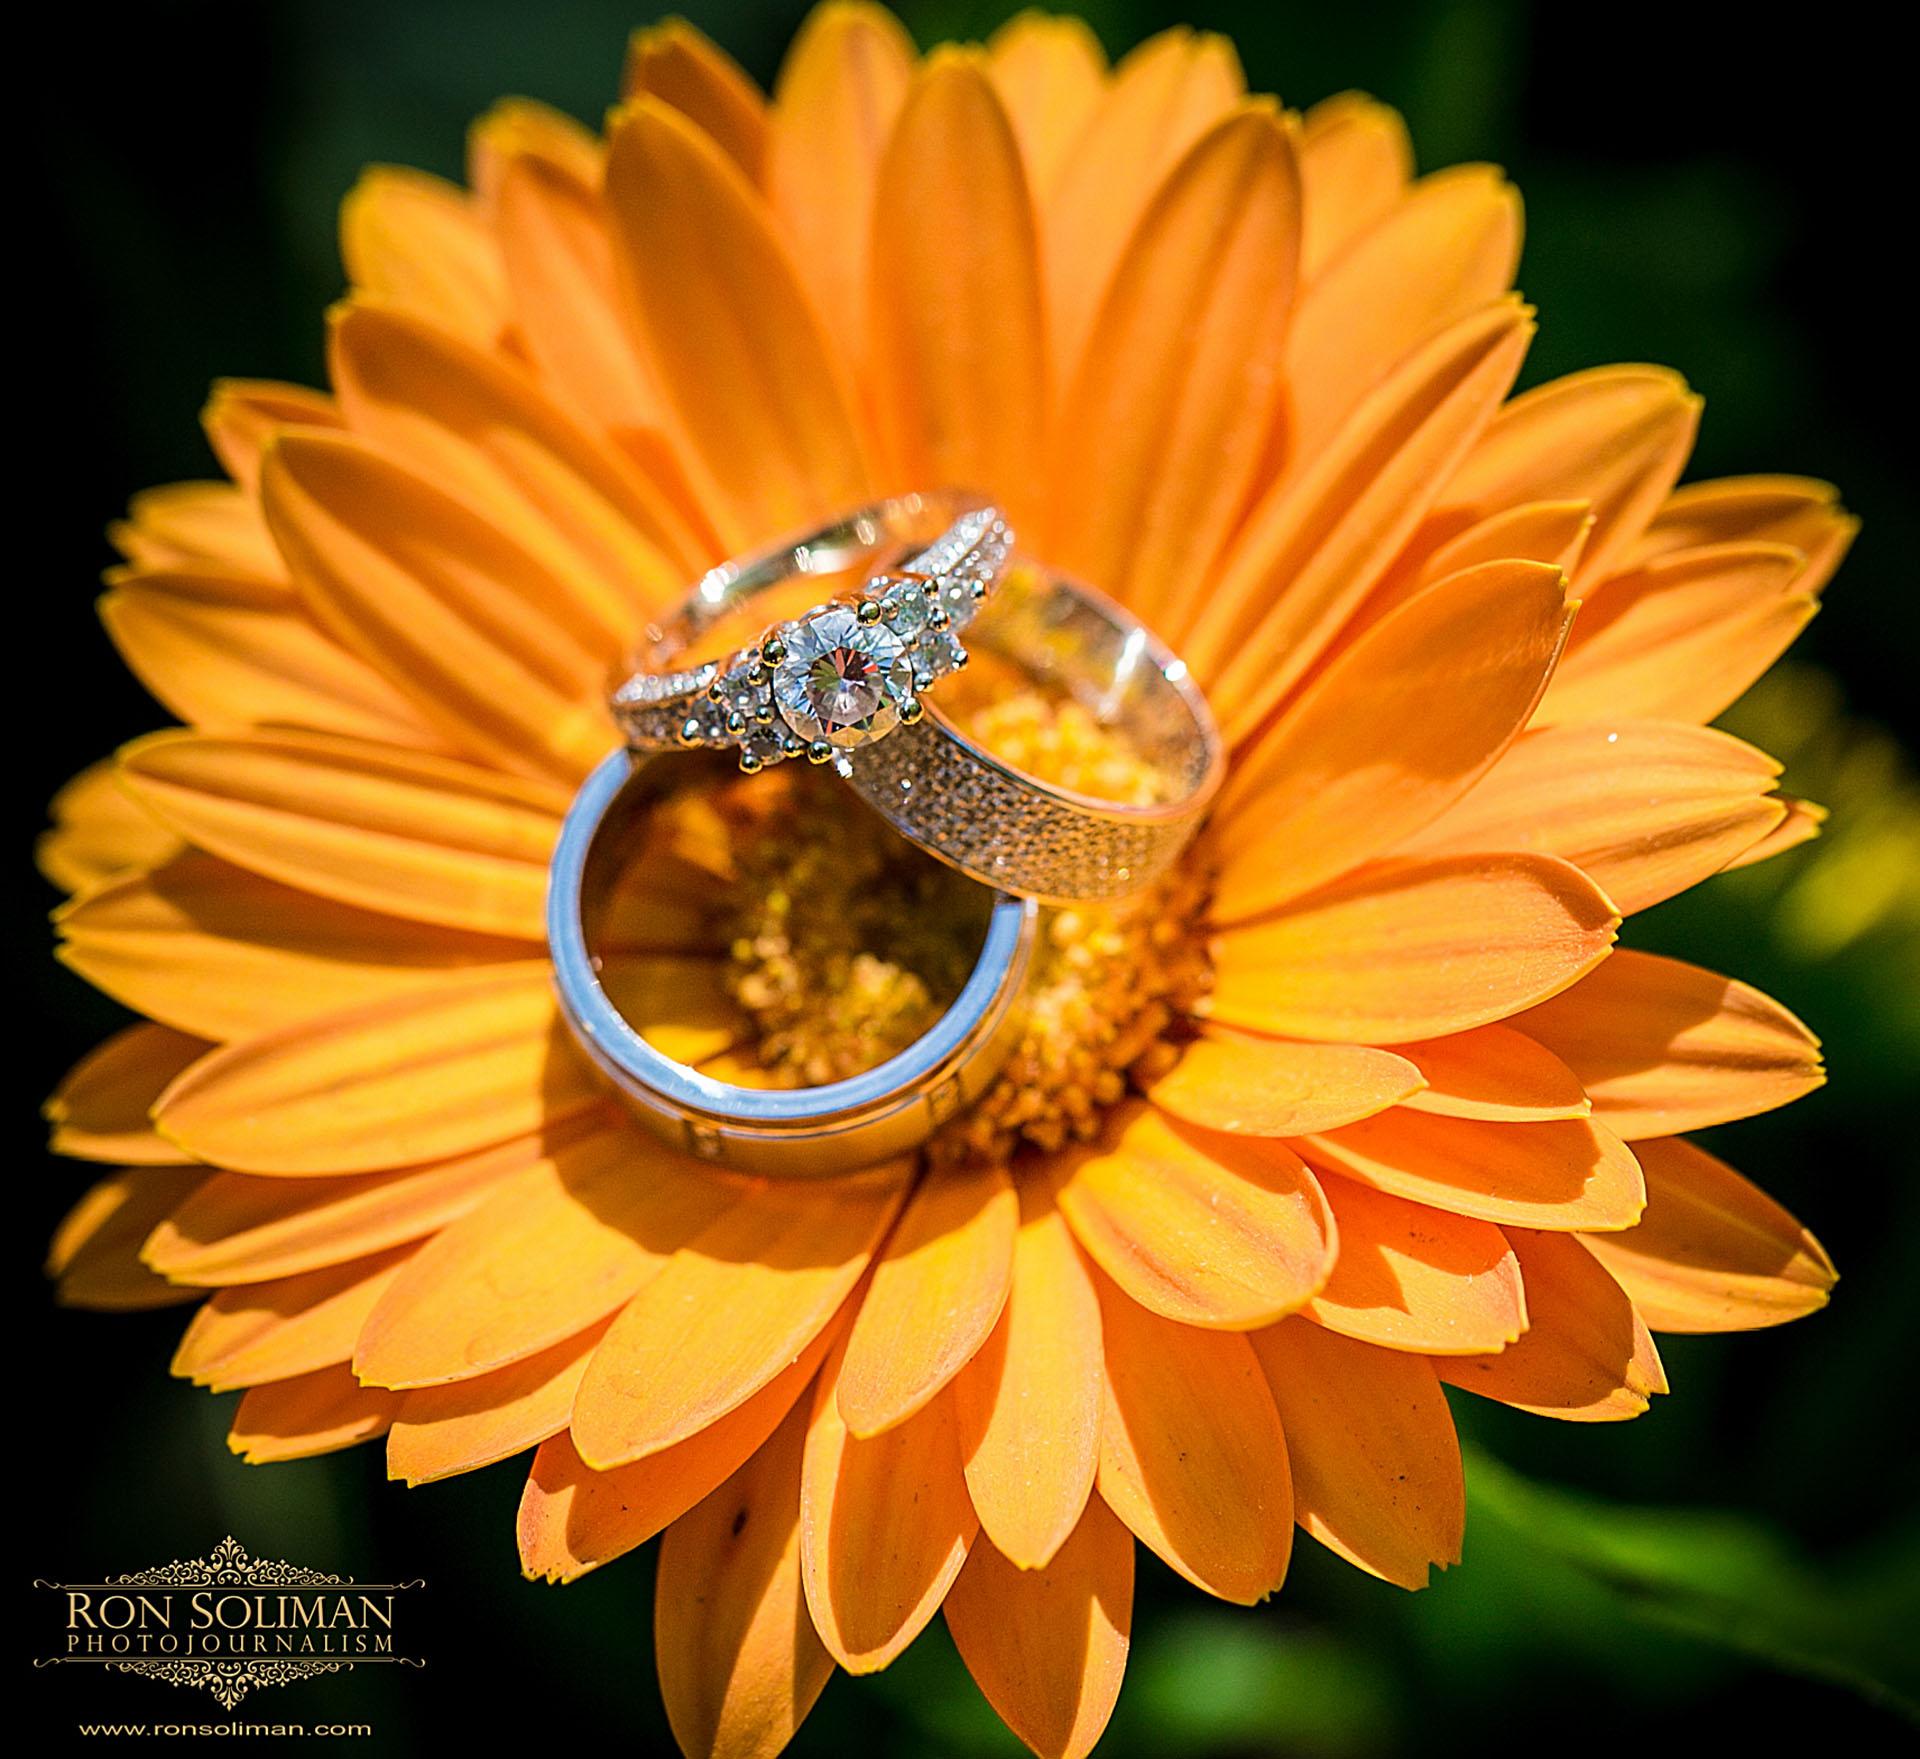 wedding rings on sunflower